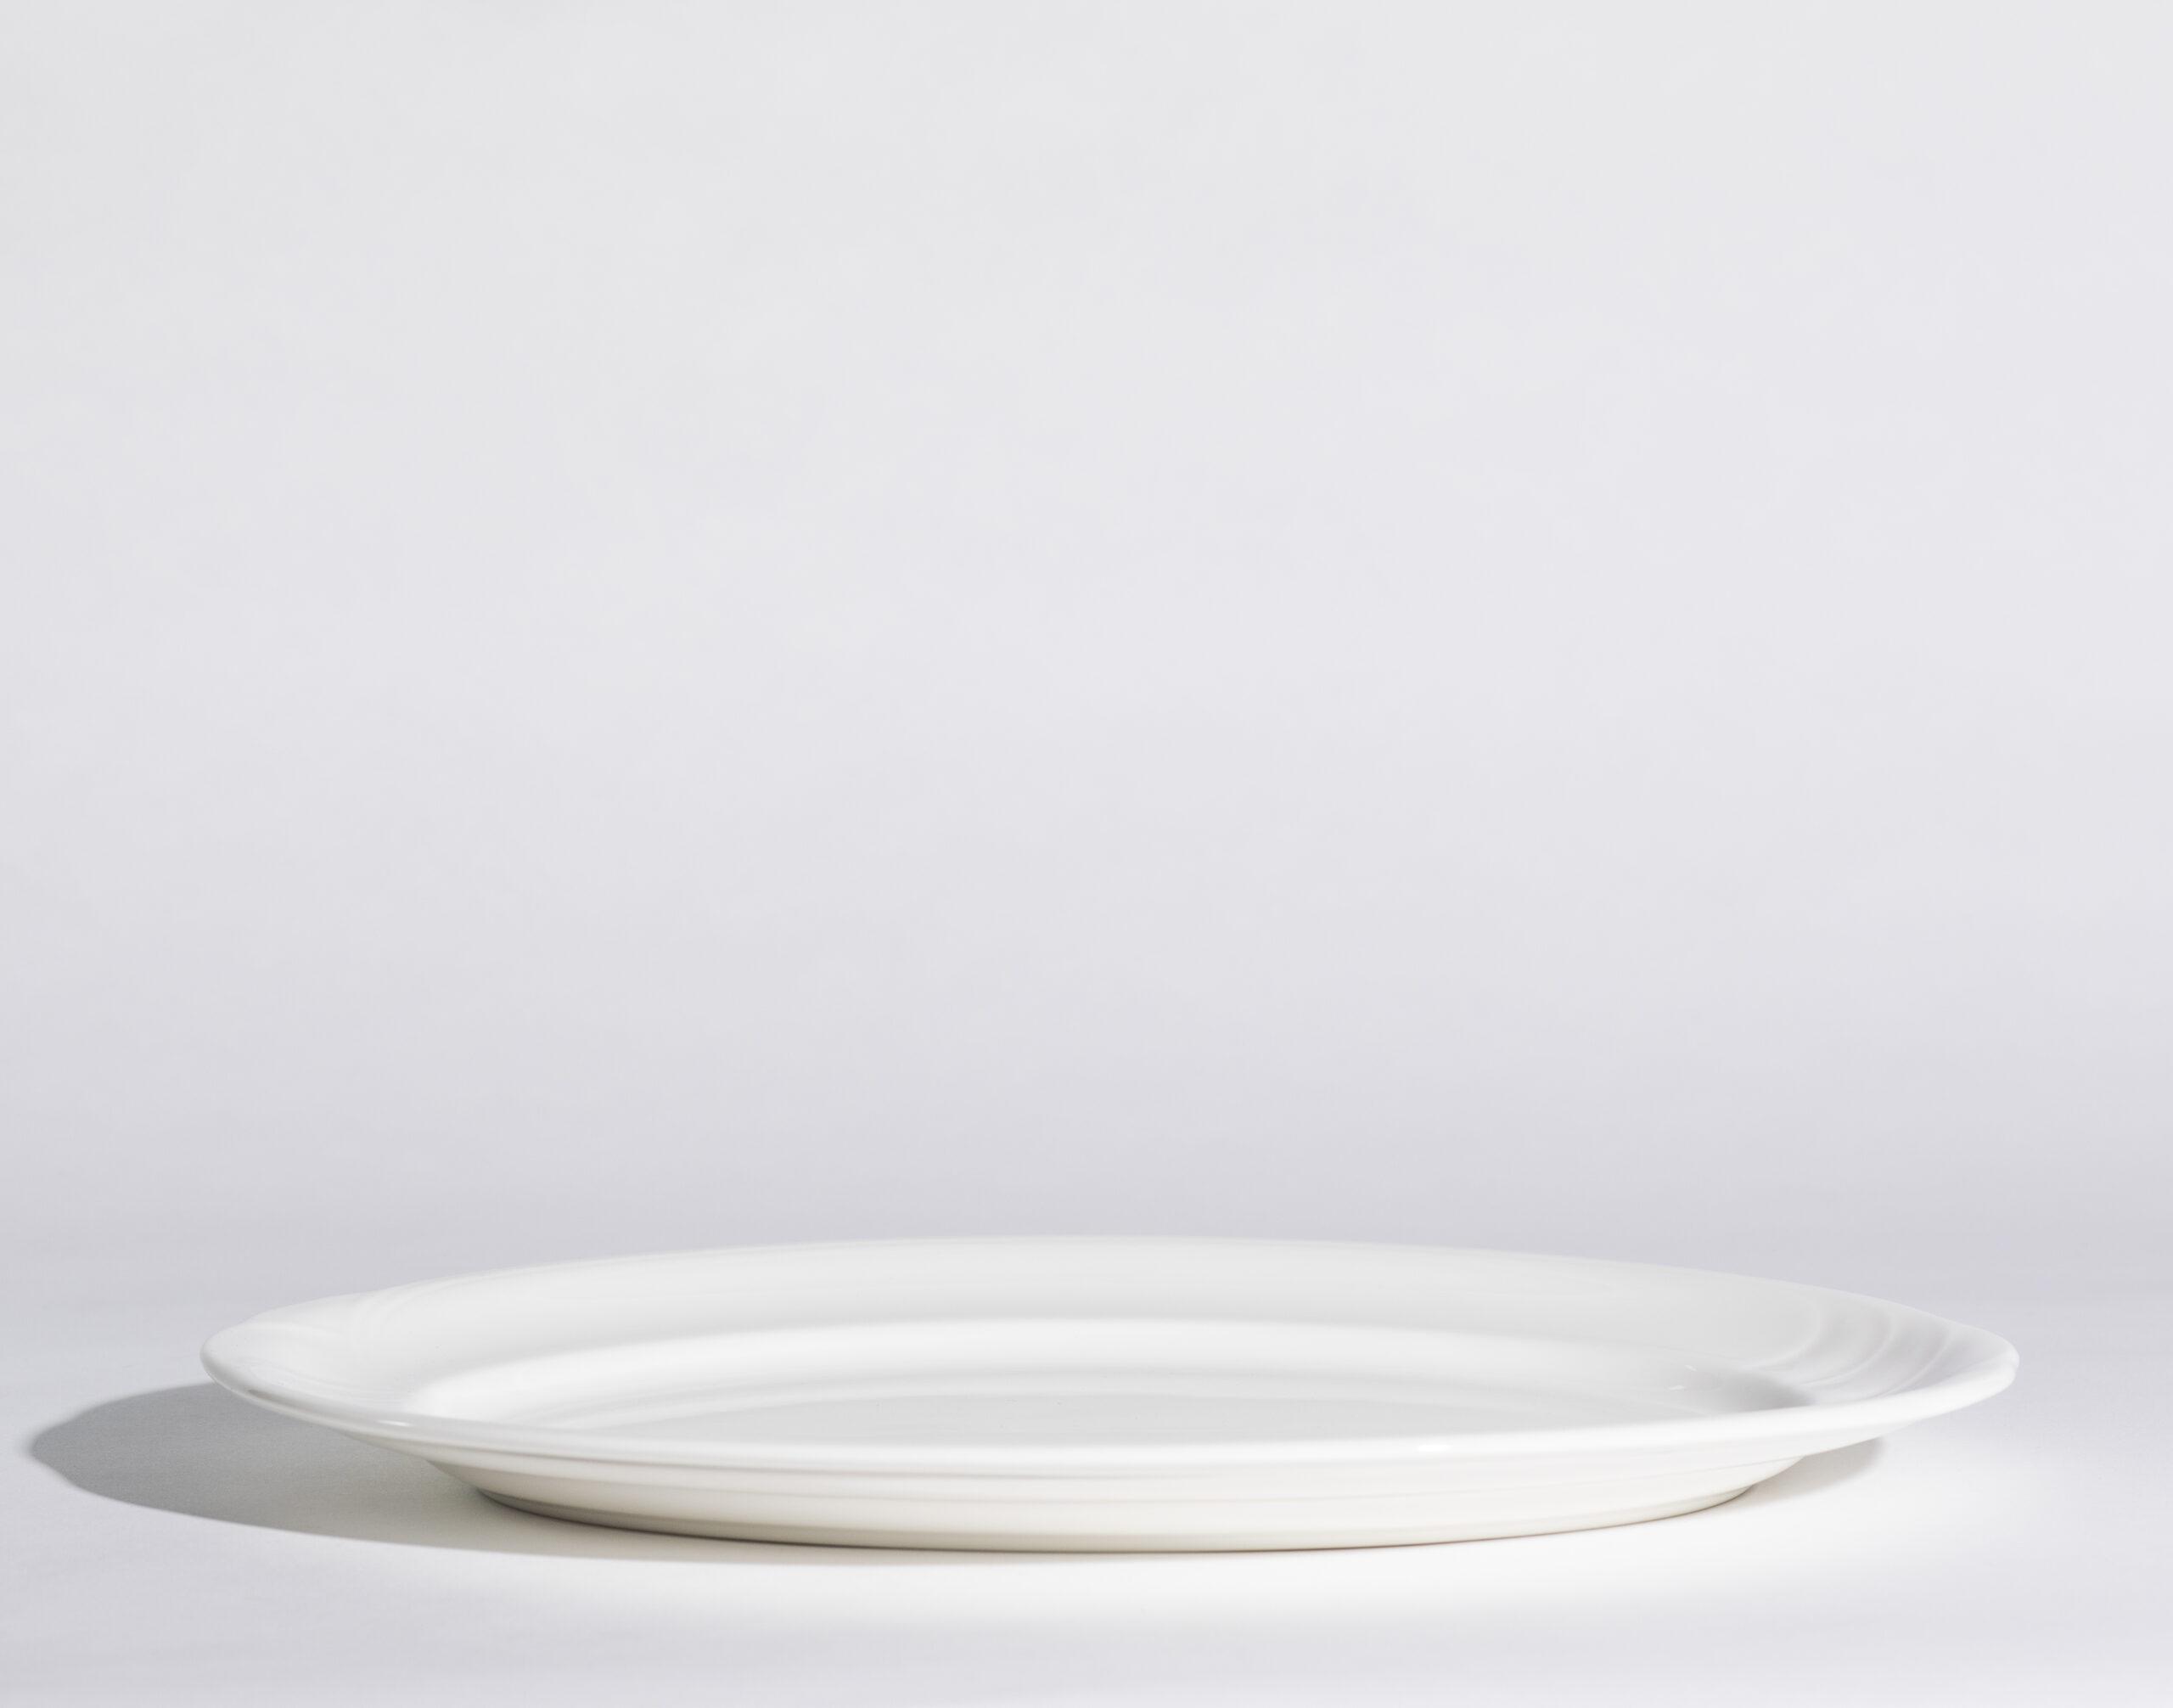 Surf & turf plates (14'', oval)